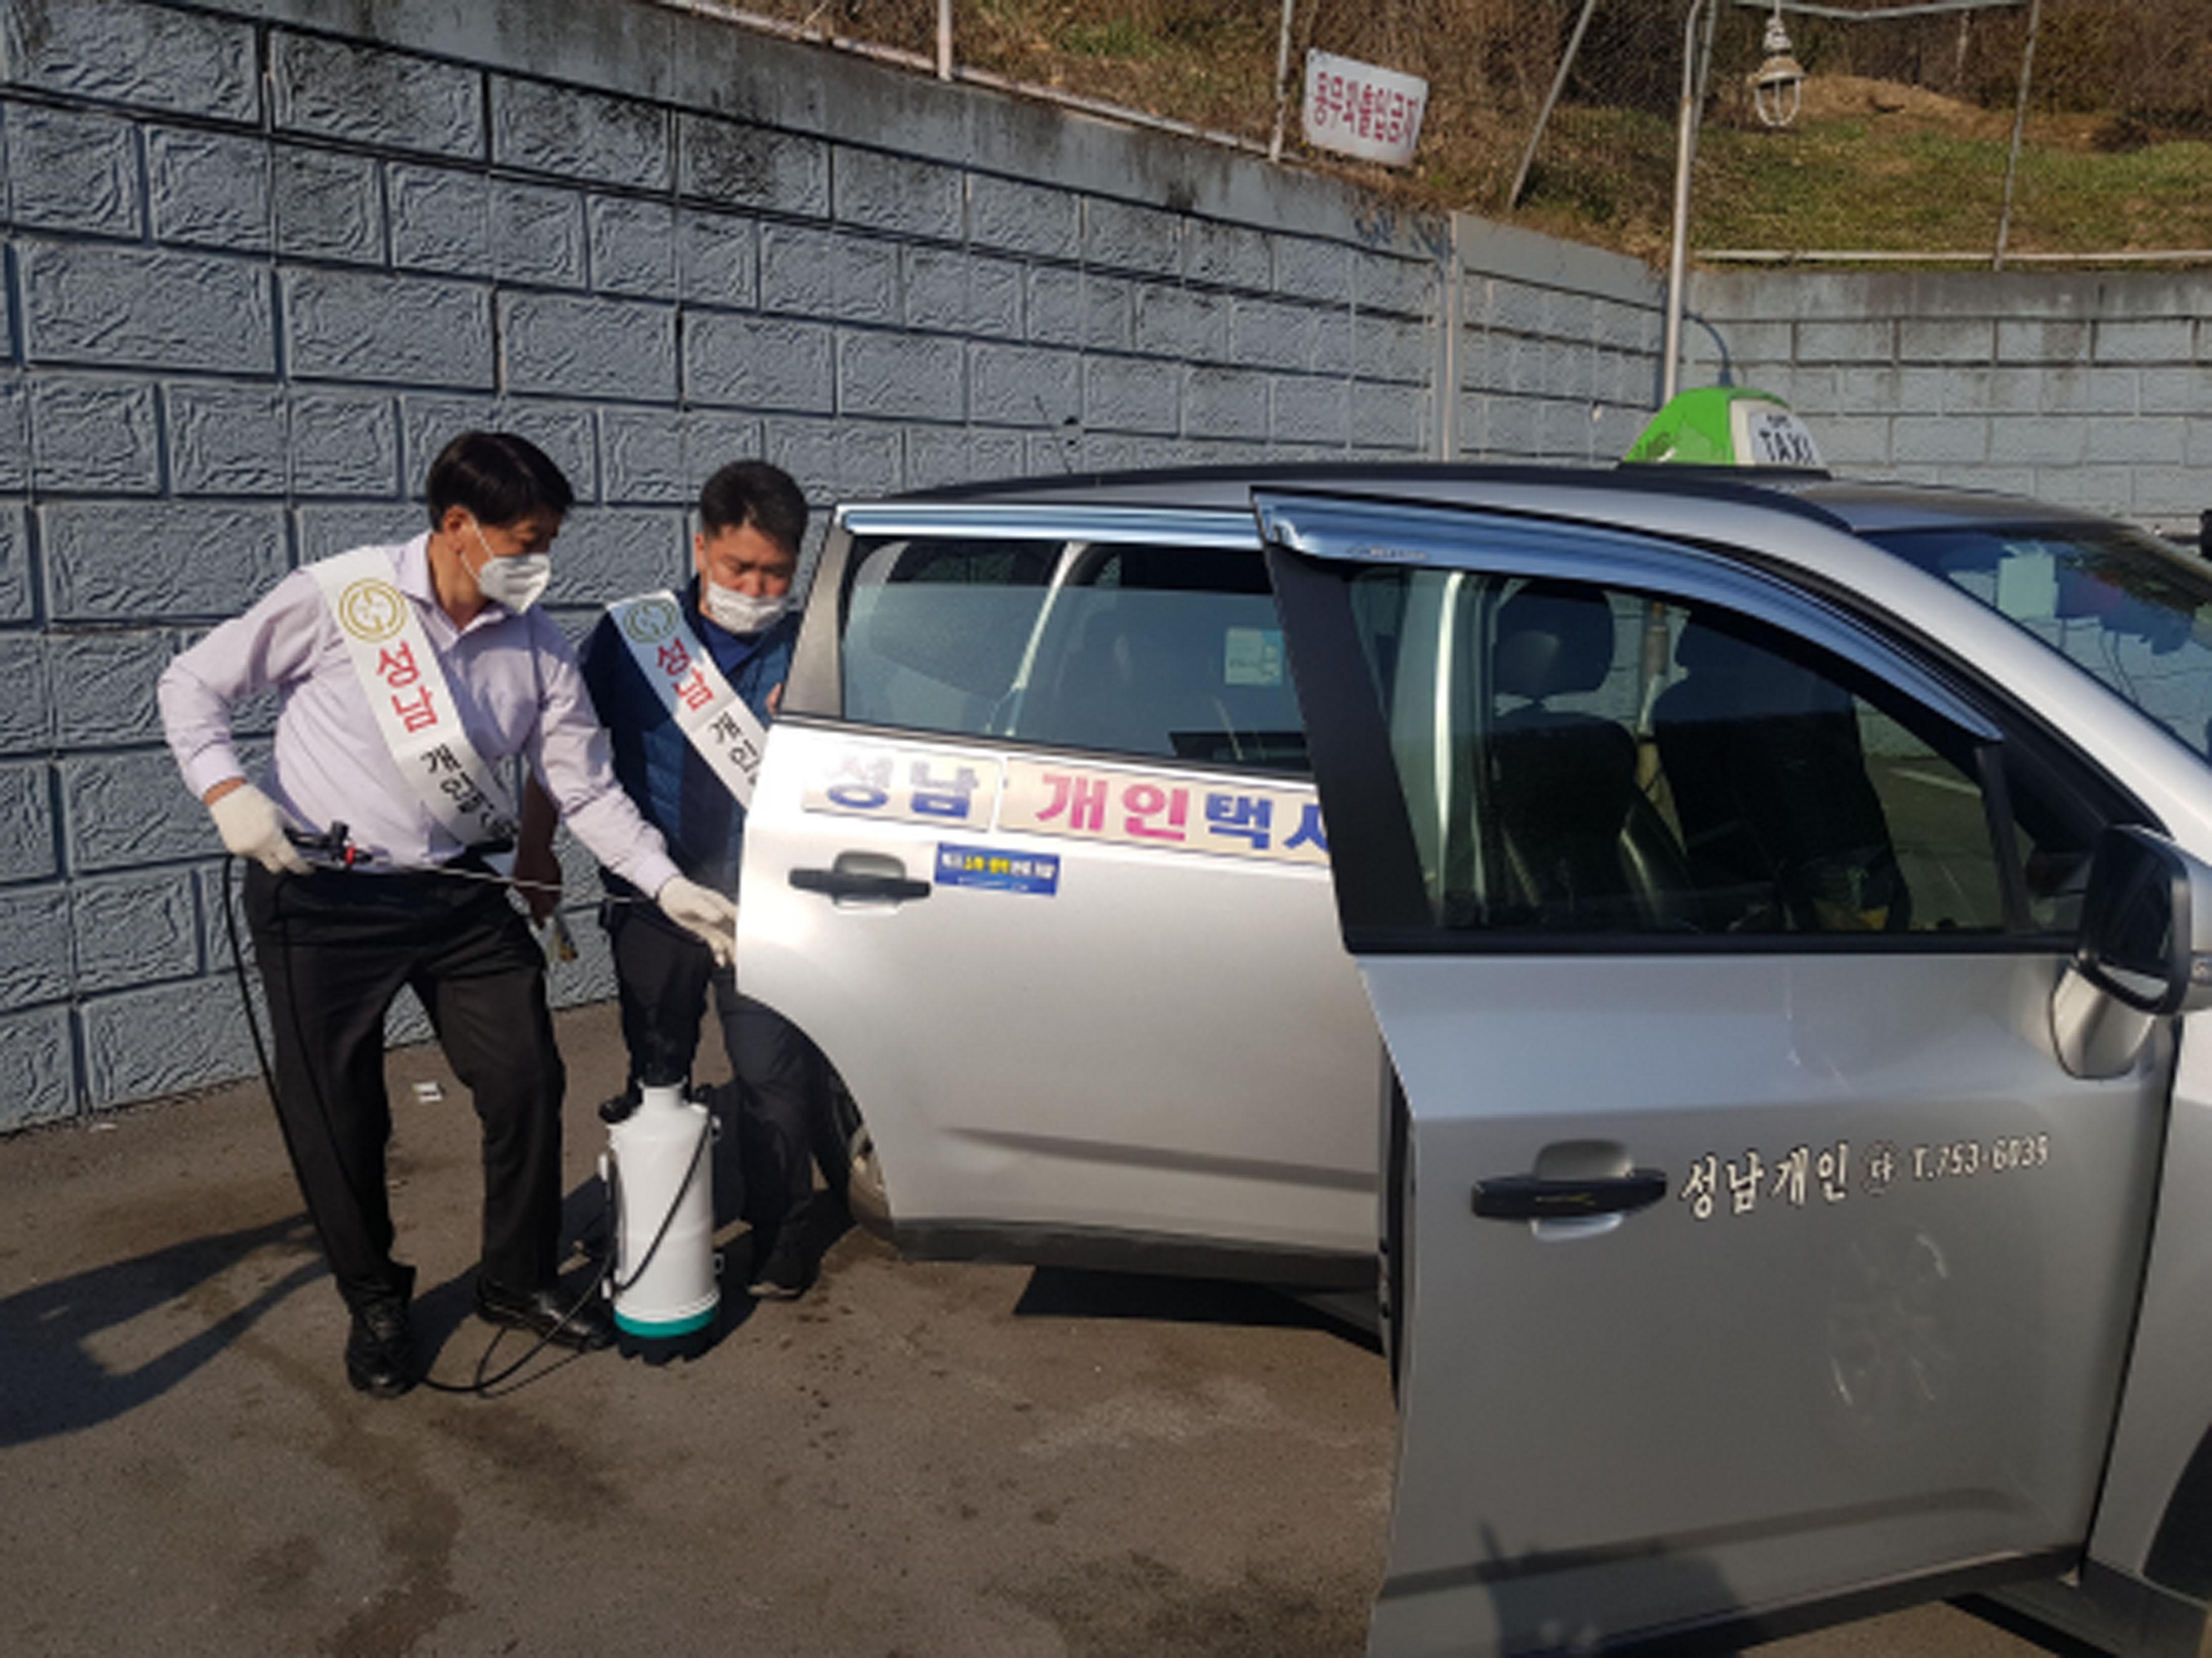 성남 택시업계 '코로나19' 고통 분담 총력